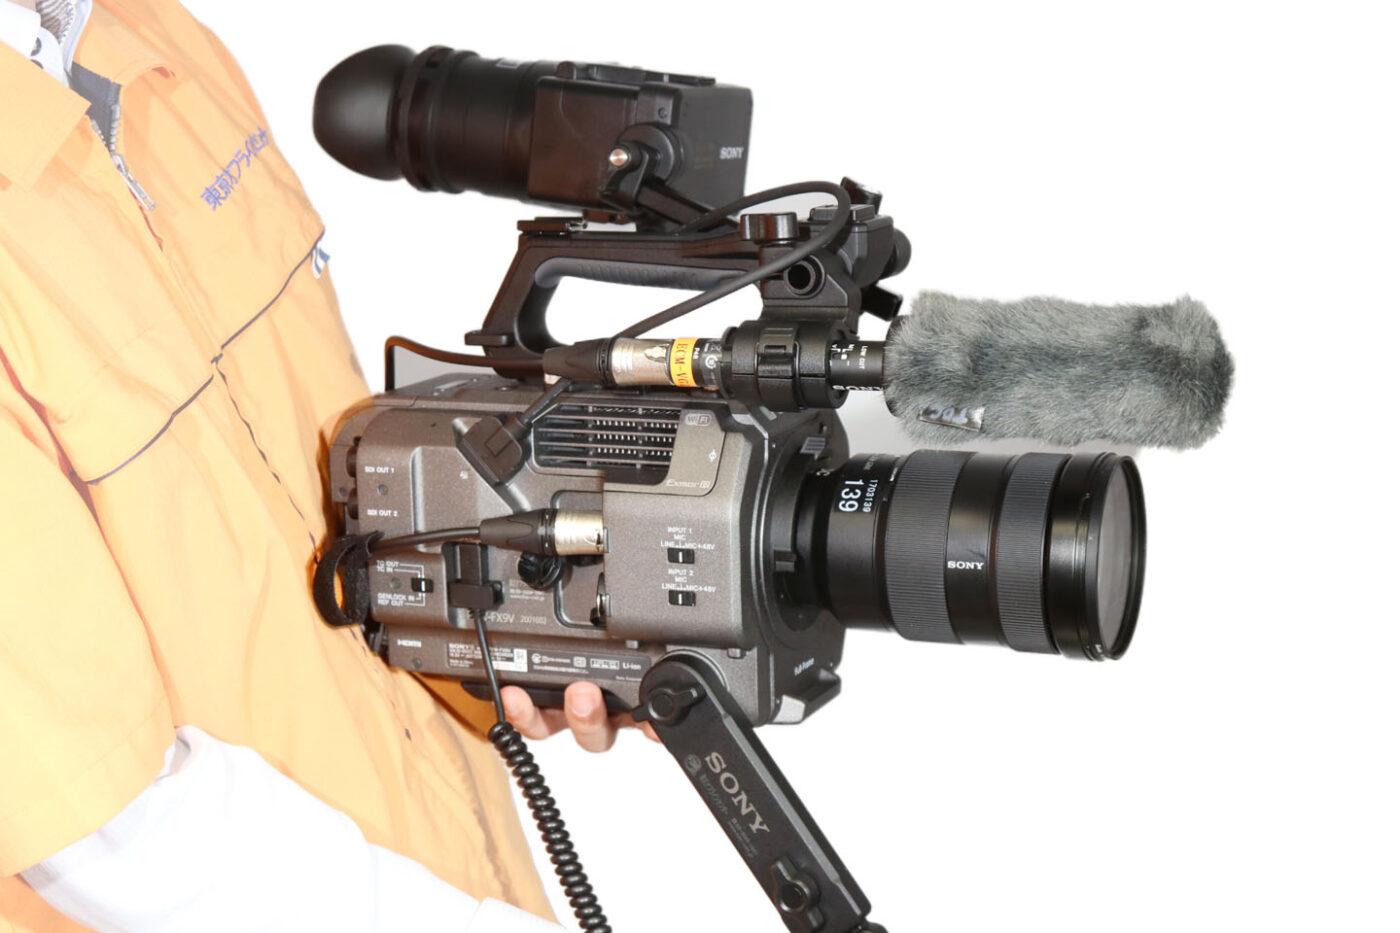 FE 24-70mm F2.8 GM装着イメージ